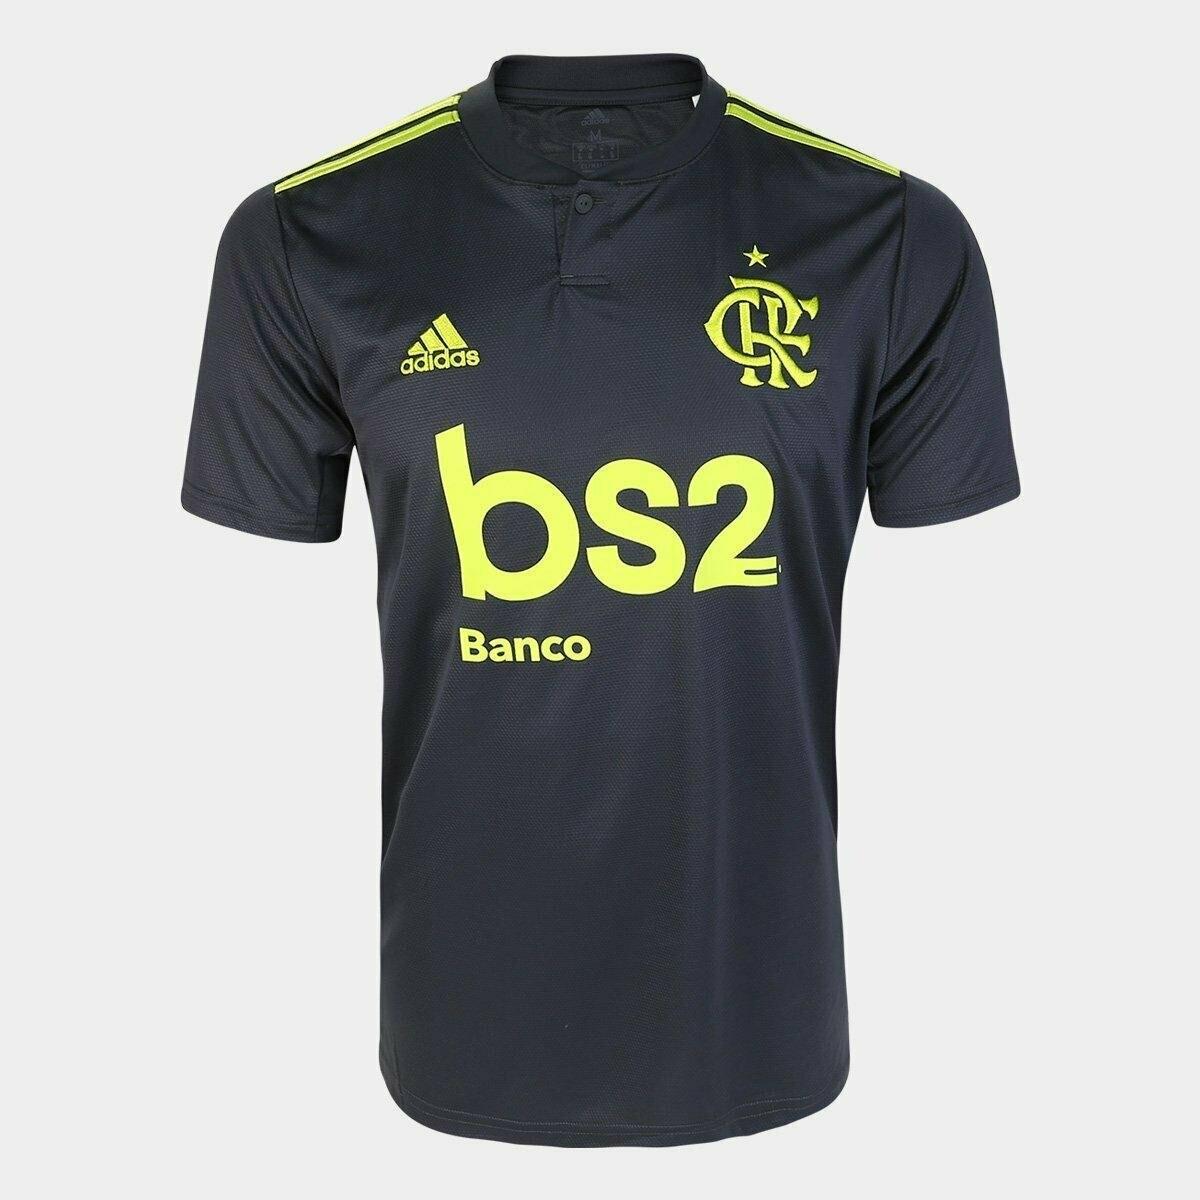 Camisa Flamengo III 19/20 Torcedor c/ Patrocínio bs2 Adidas Masculina